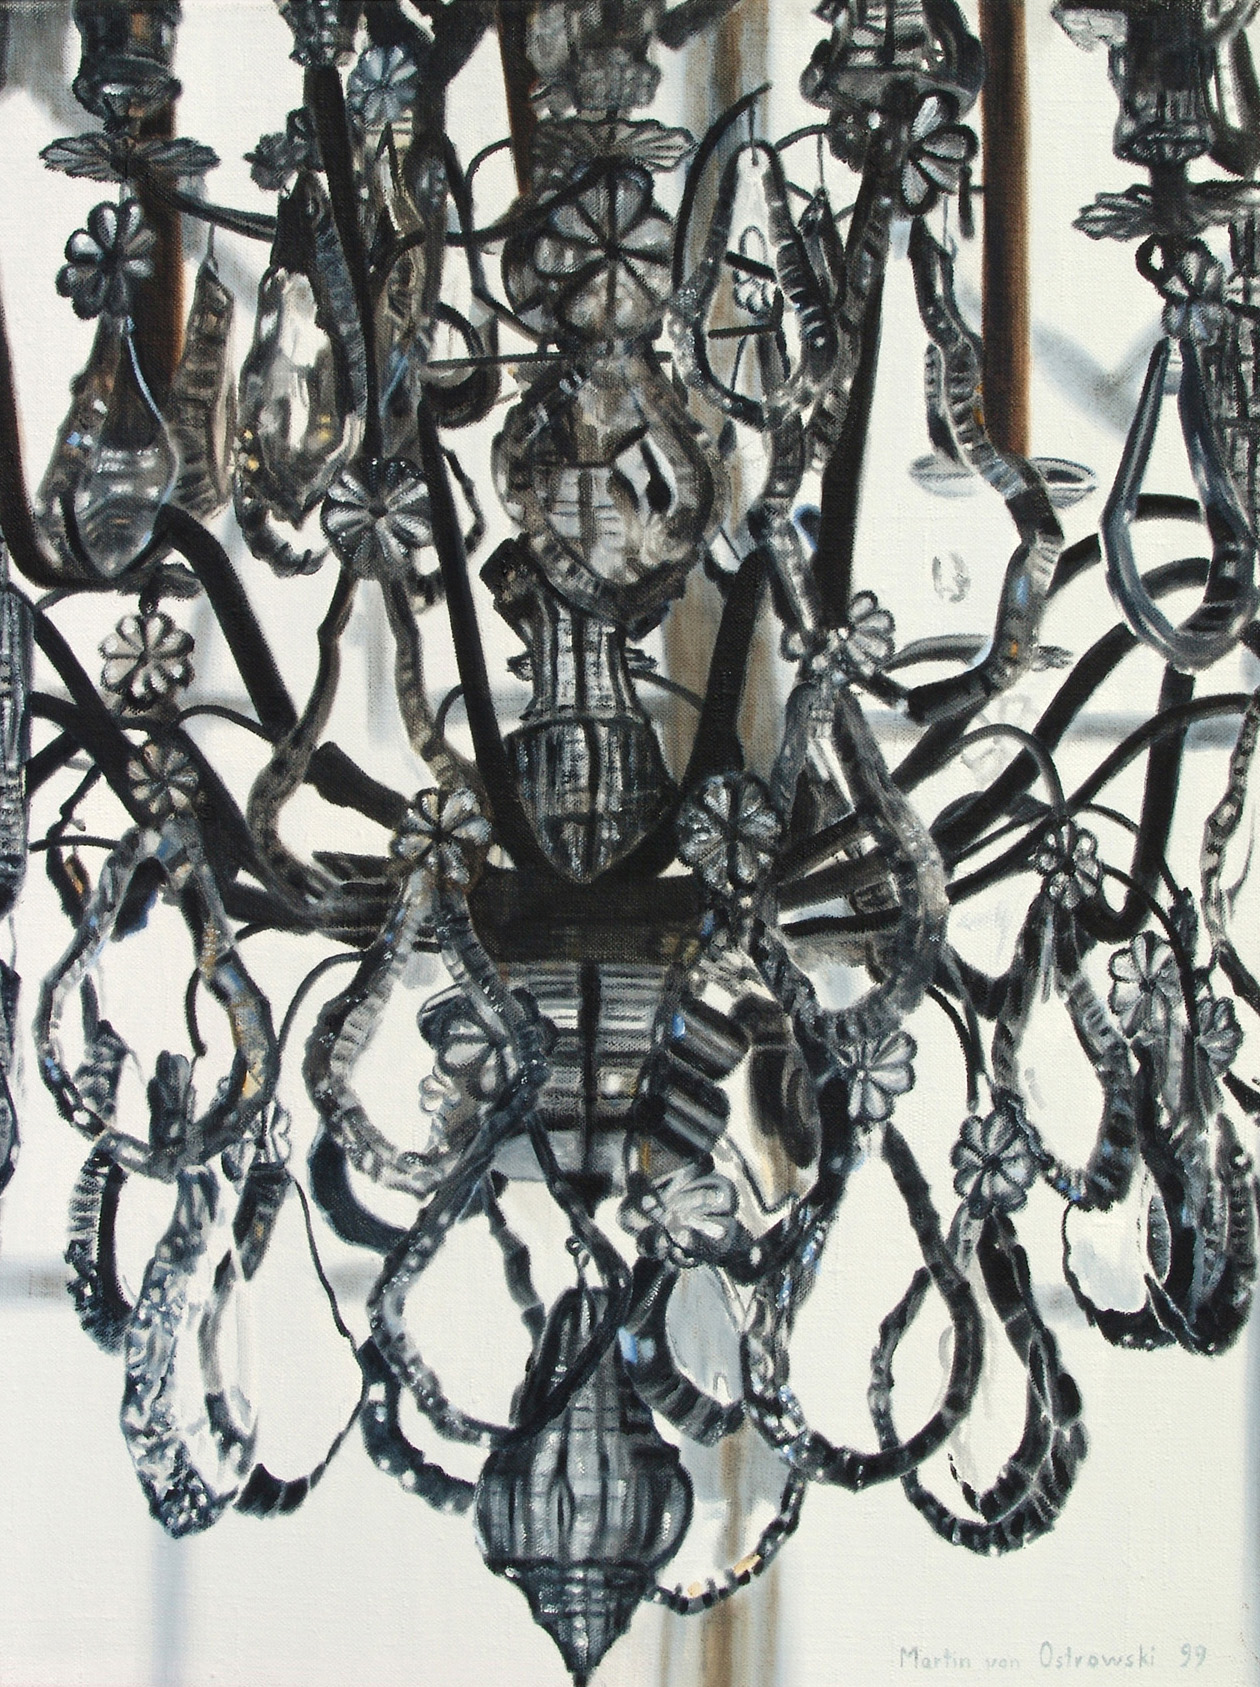 Martin Von Ostrowski, Kronleuchter Marmorsaal Sanssouci Schwarzweiss, 1999;  Öl Auf Leinwand, 80